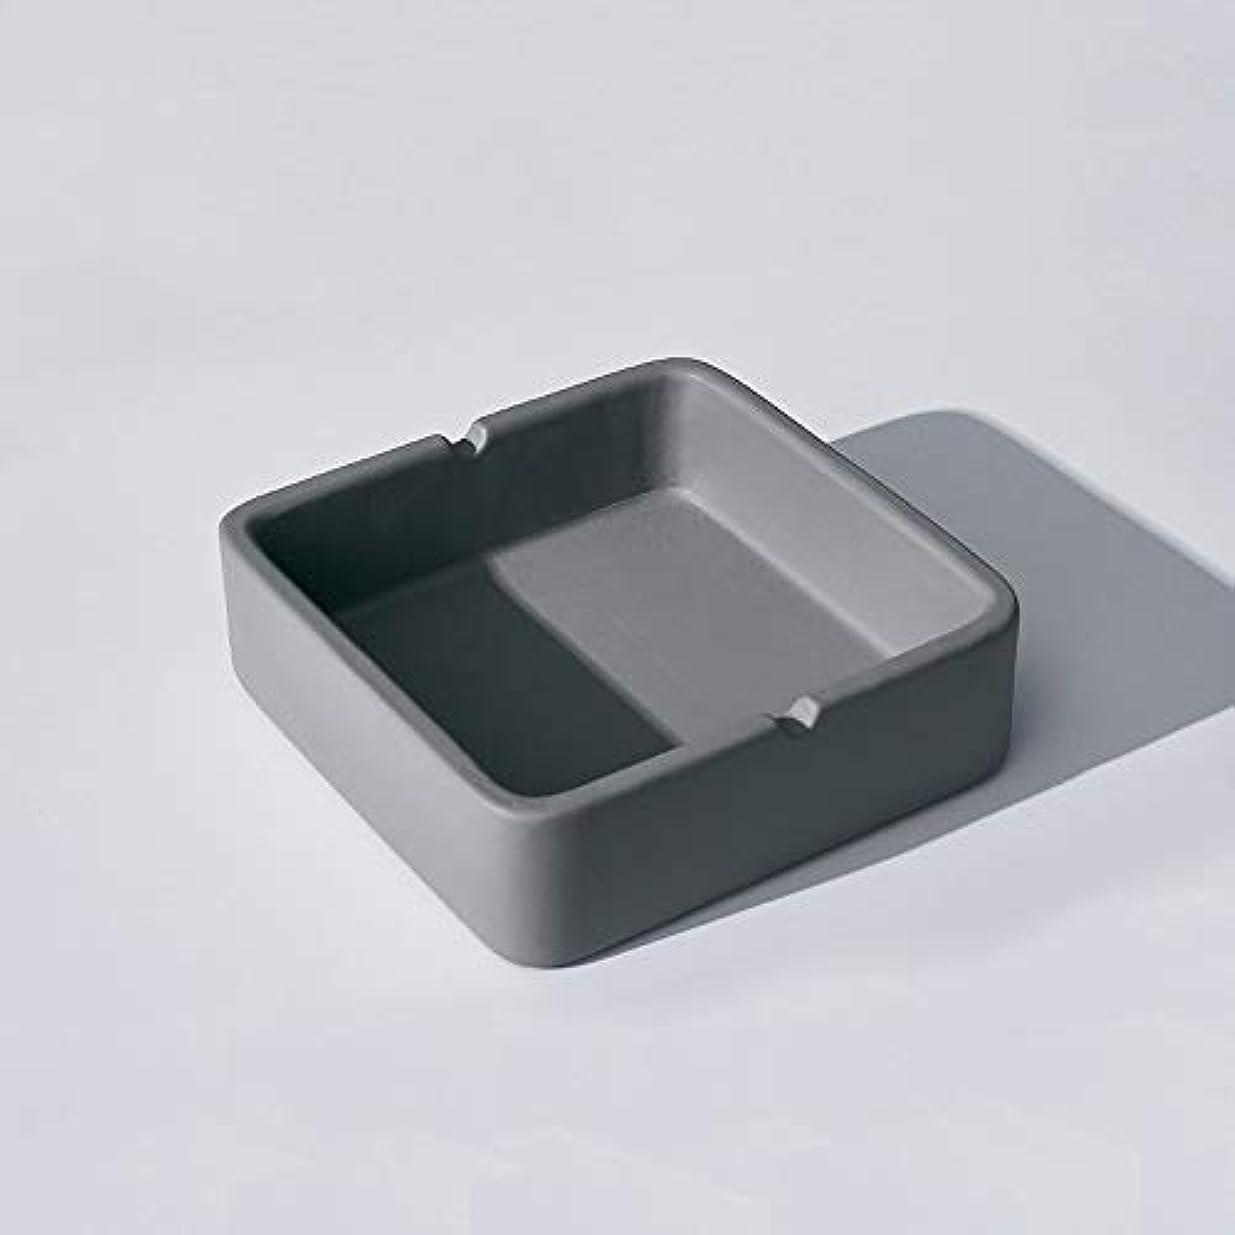 悲劇的なところで礼拝正方形の灰皿、繊細なコンクリートの質感の灰皿、多人数使用シーンに適したパーソナライズされた屋外の灰皿の装飾 (Size : S)